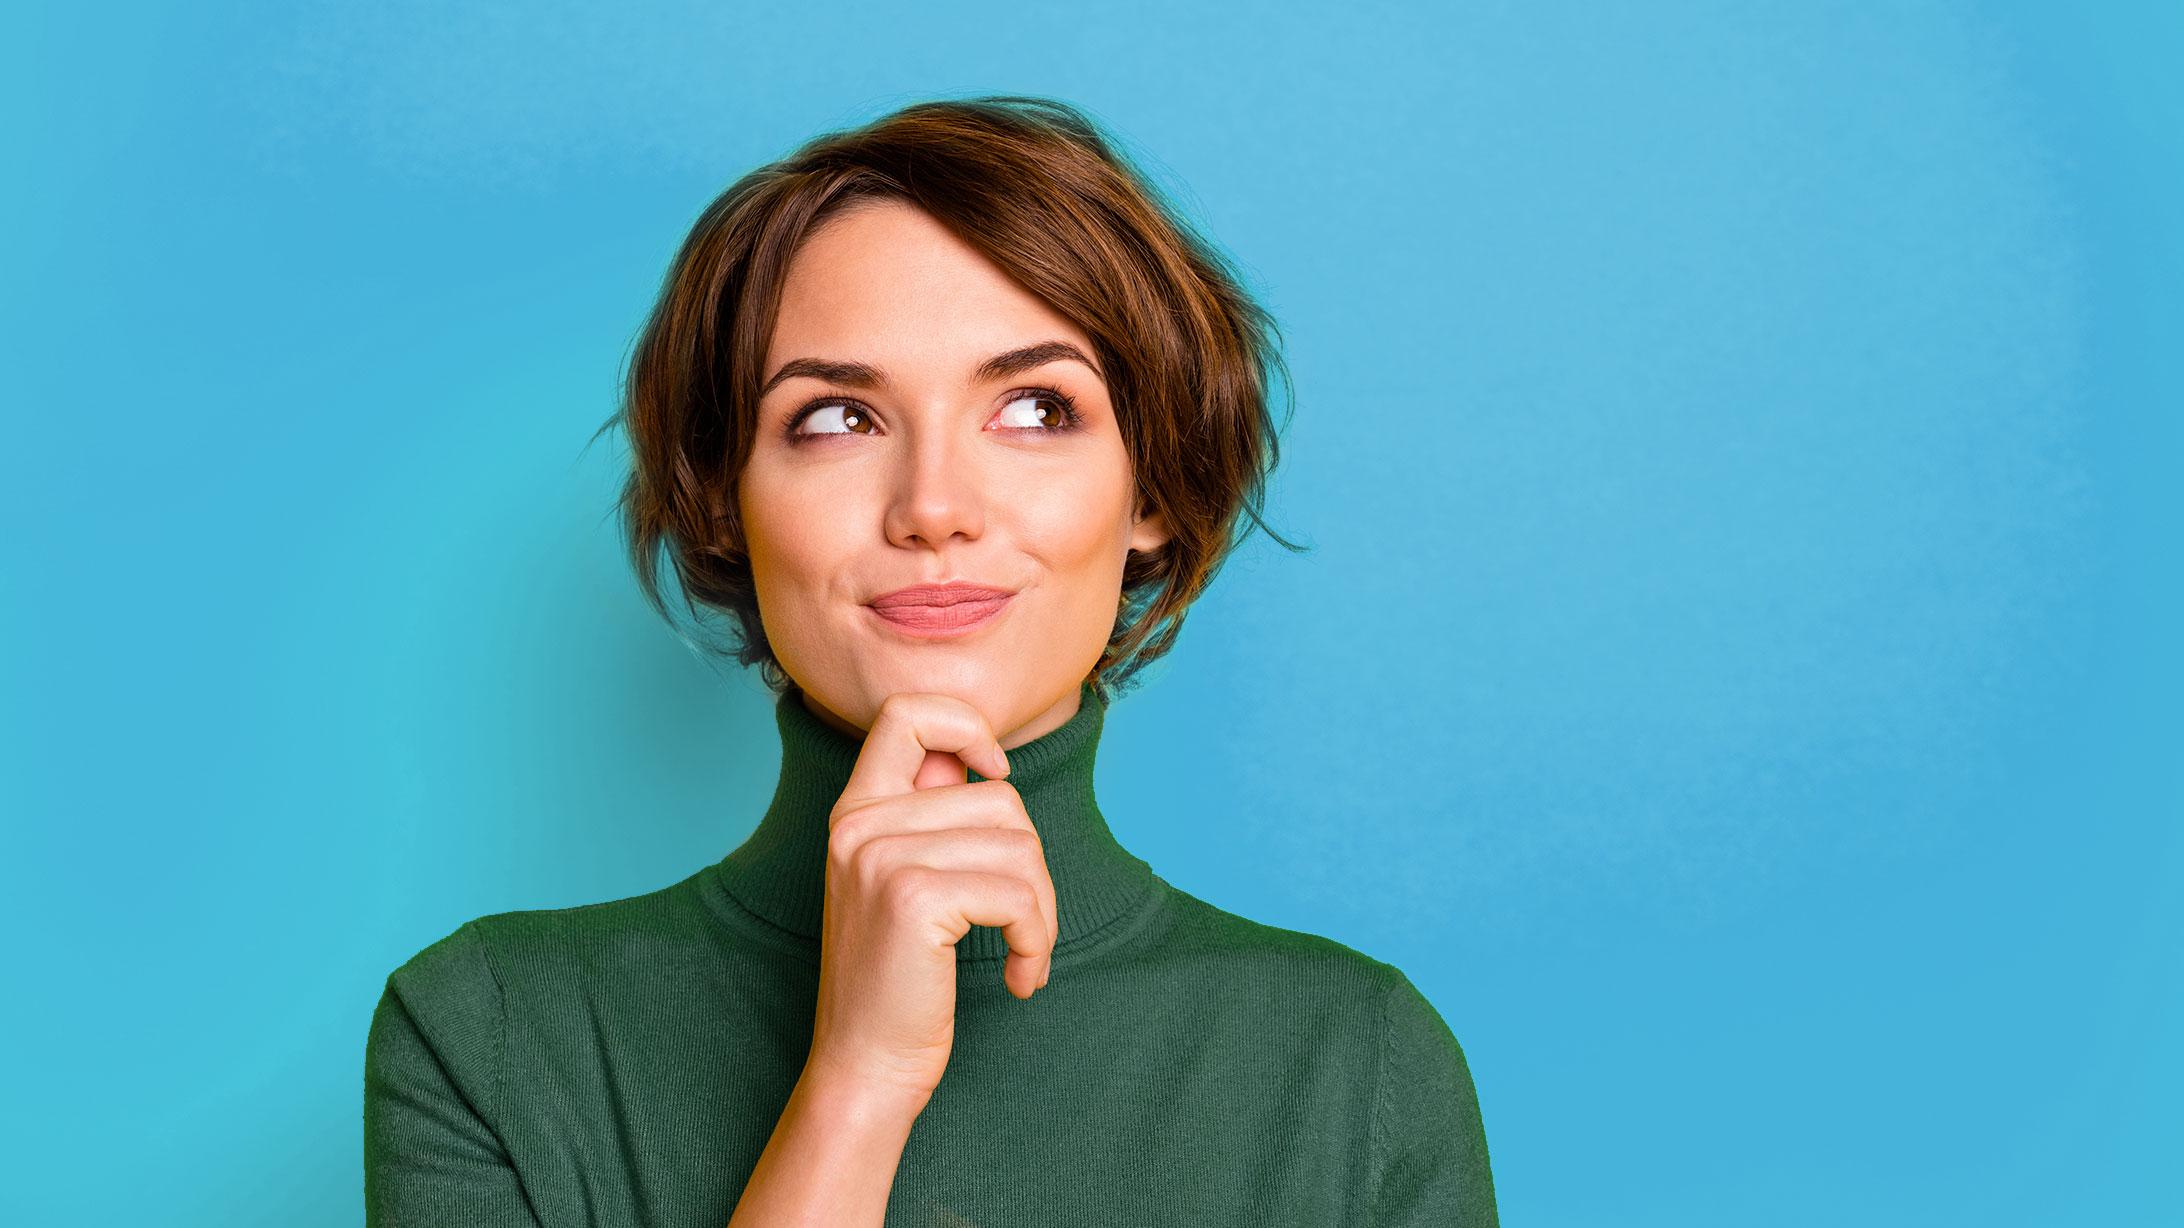 Eine Frau auf blauem Hintergrund schaut fragend nach Oben.